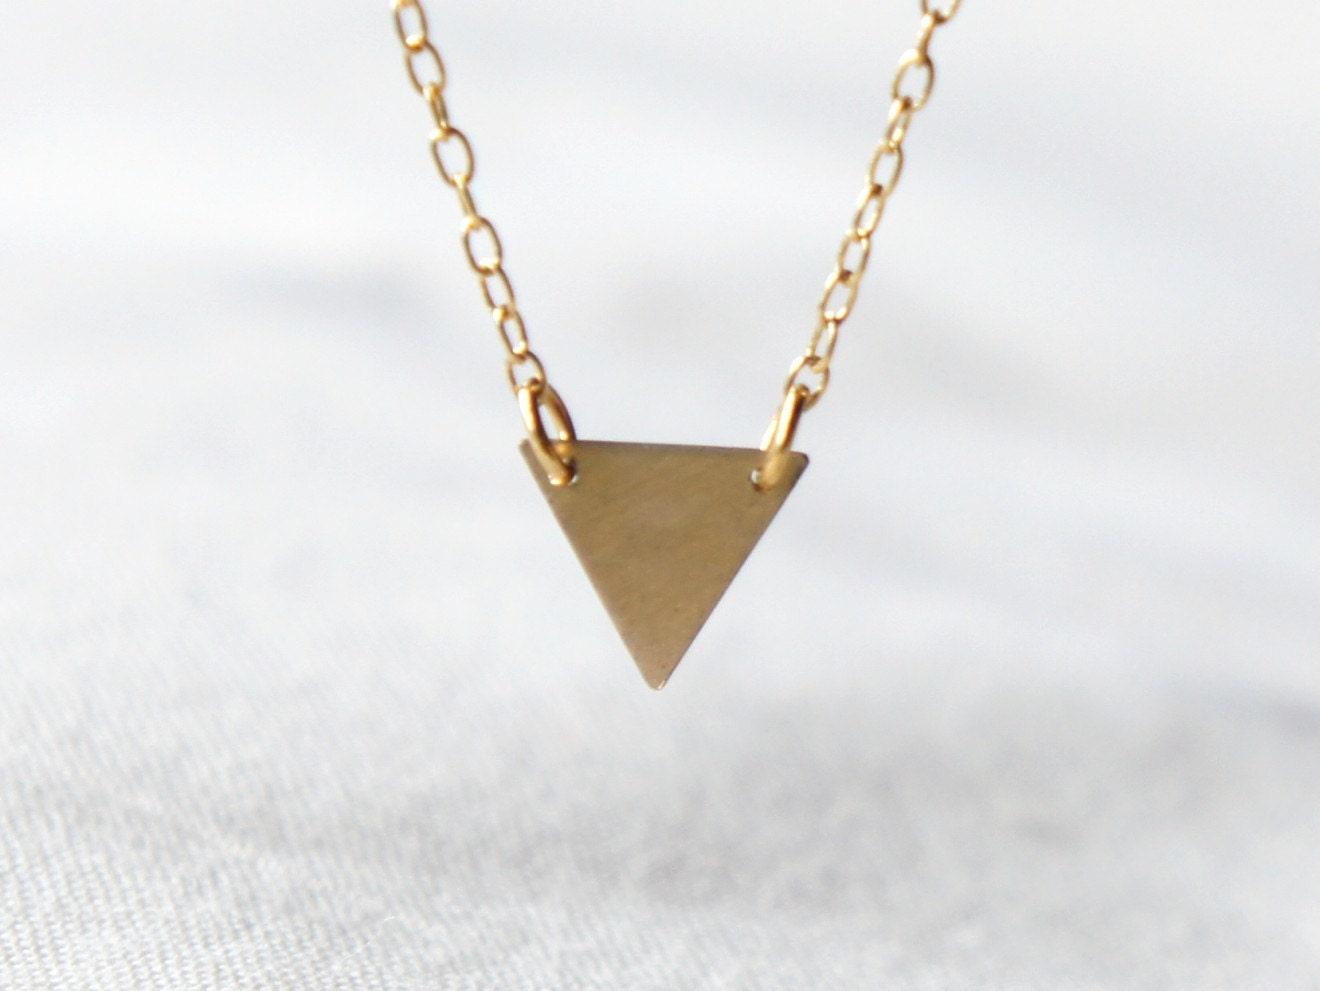 Foyer Minimalist Jewellery : Gold triangle necklace geometric jewelry modern by